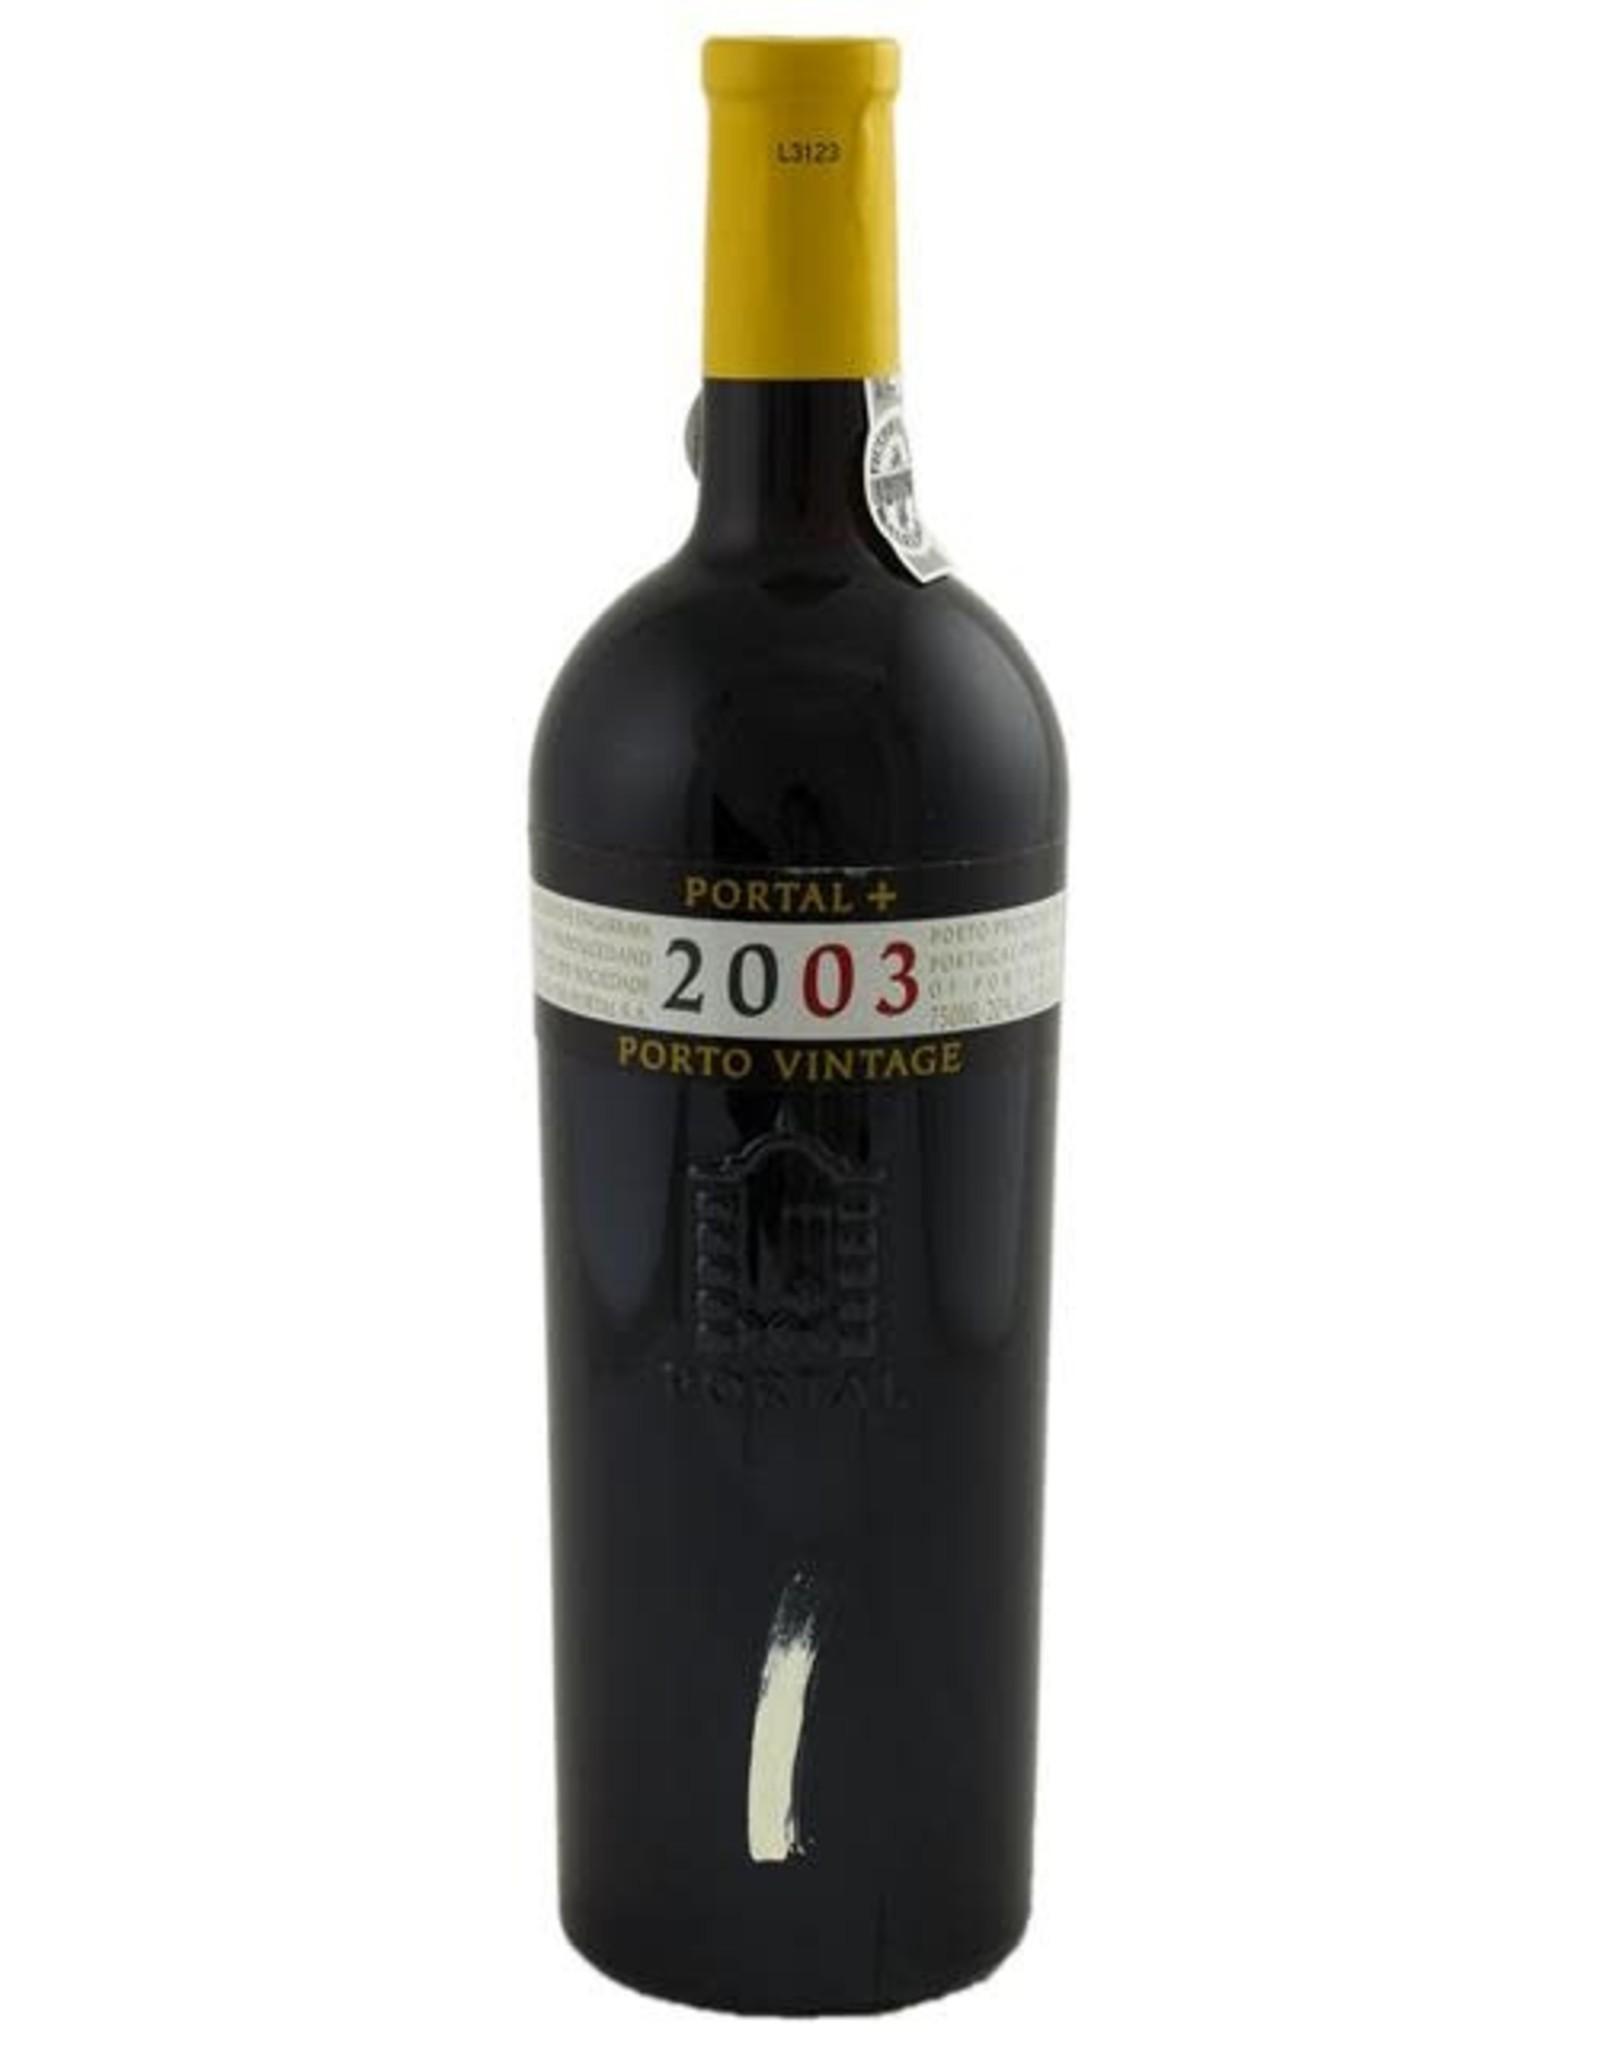 PORTAL+ 2003 VINTAGE PORTO